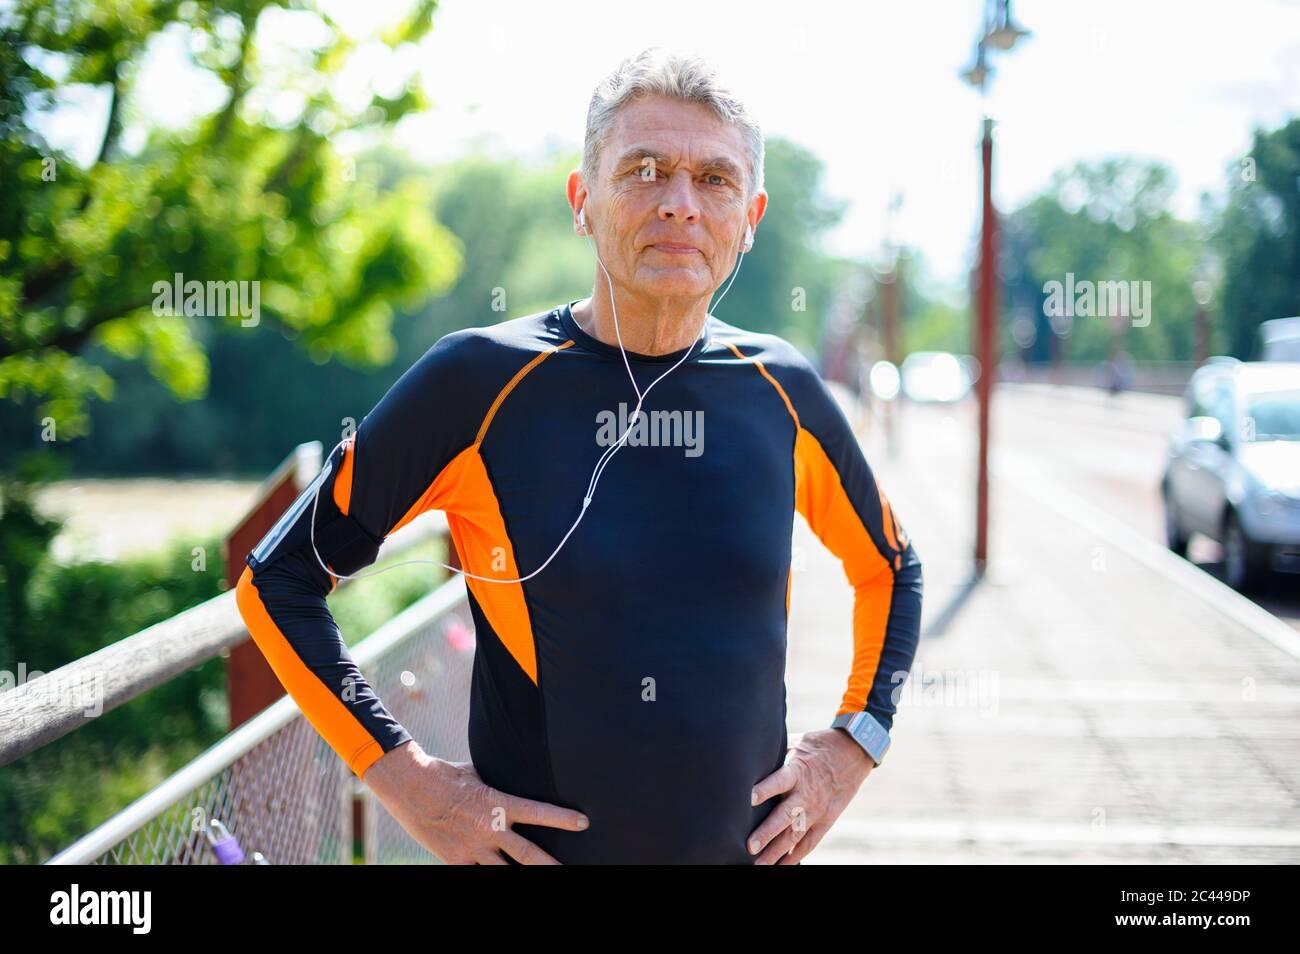 Ritratto di uomo anziano sicuro in abiti sportivi in piedi con le mani sull'anca durante la giornata di sole Foto Stock